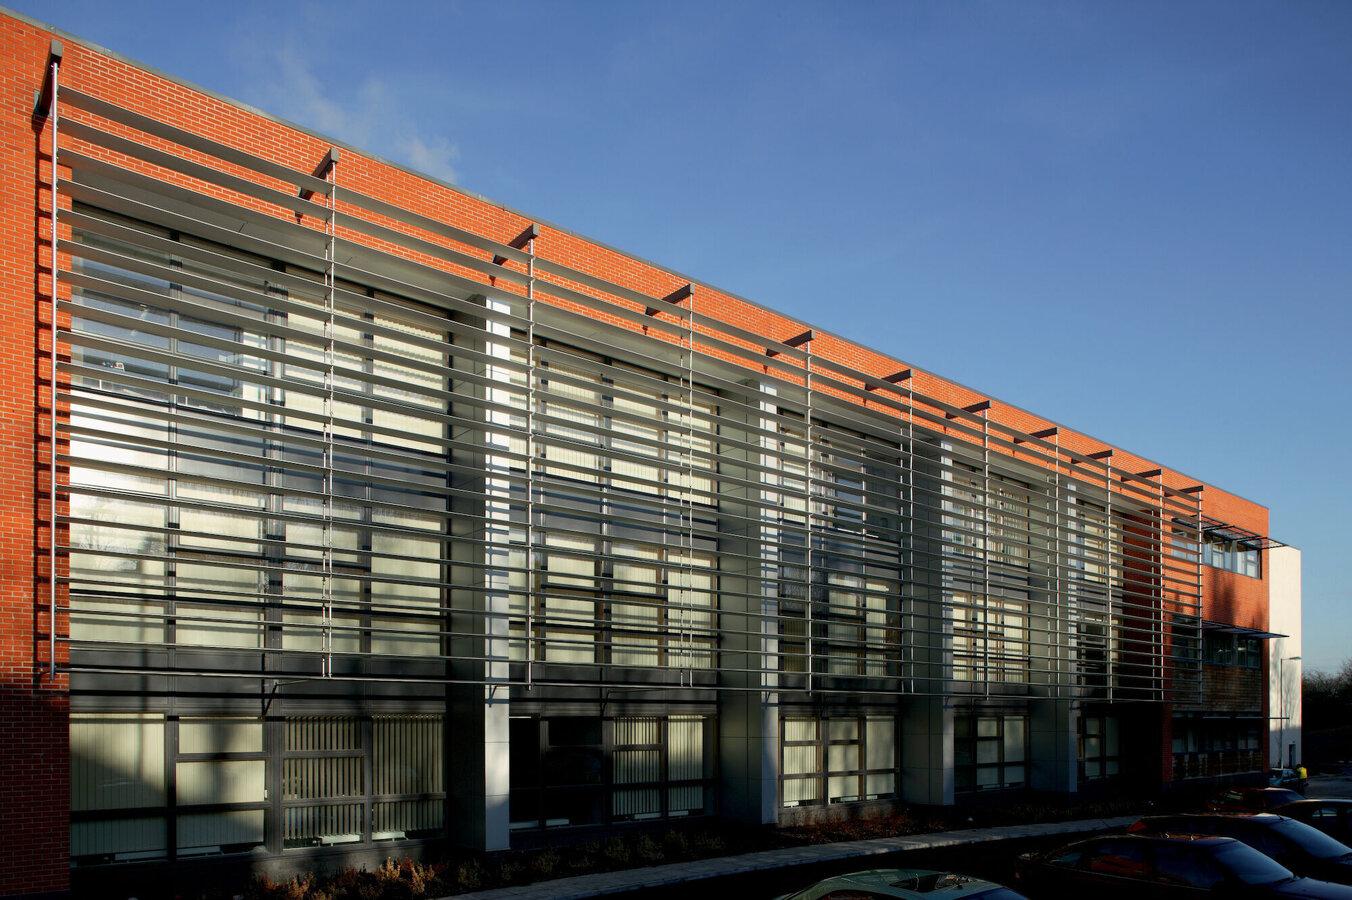 Frangisole-orientabile-pale-elissoidali-alluminio-risparmio-energetico-protezione-solare-Stameat-srl-Padova